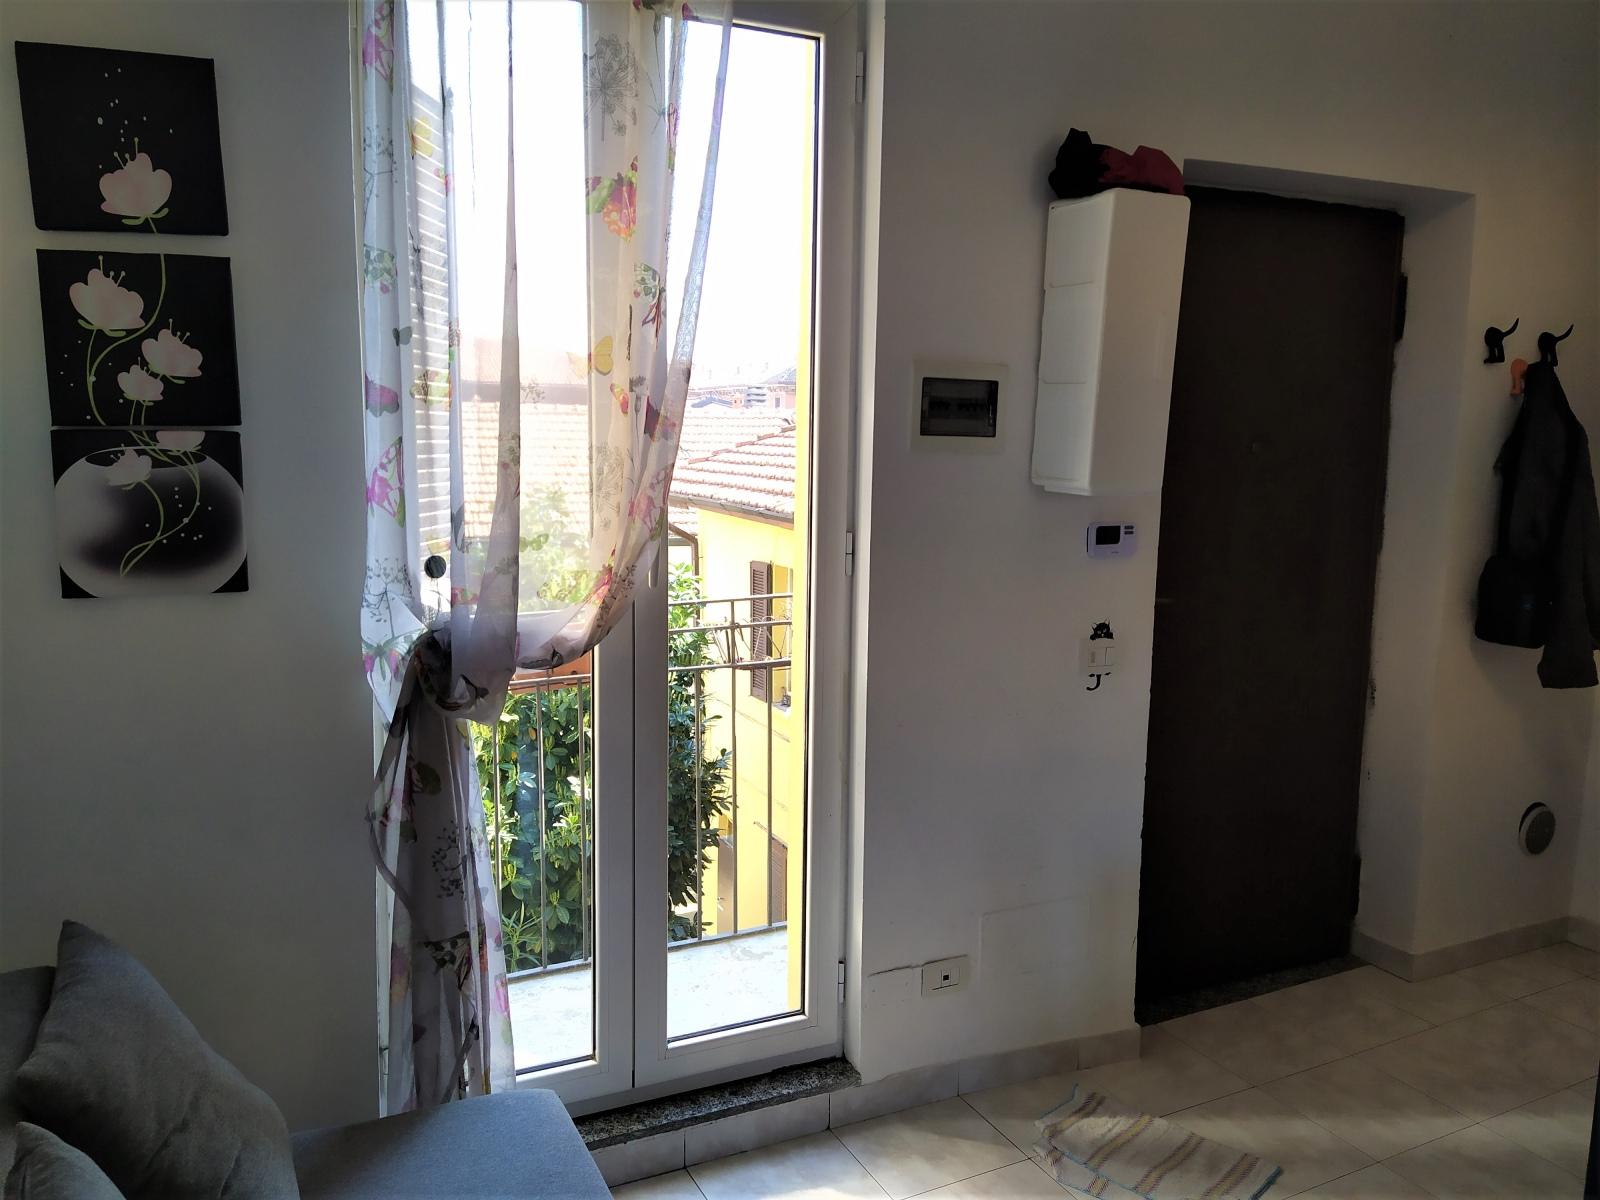 baggio-centro-storico-due-locali-in-vendita-milano-spaziourbano-immobiliare-dove-trovi-casa-17